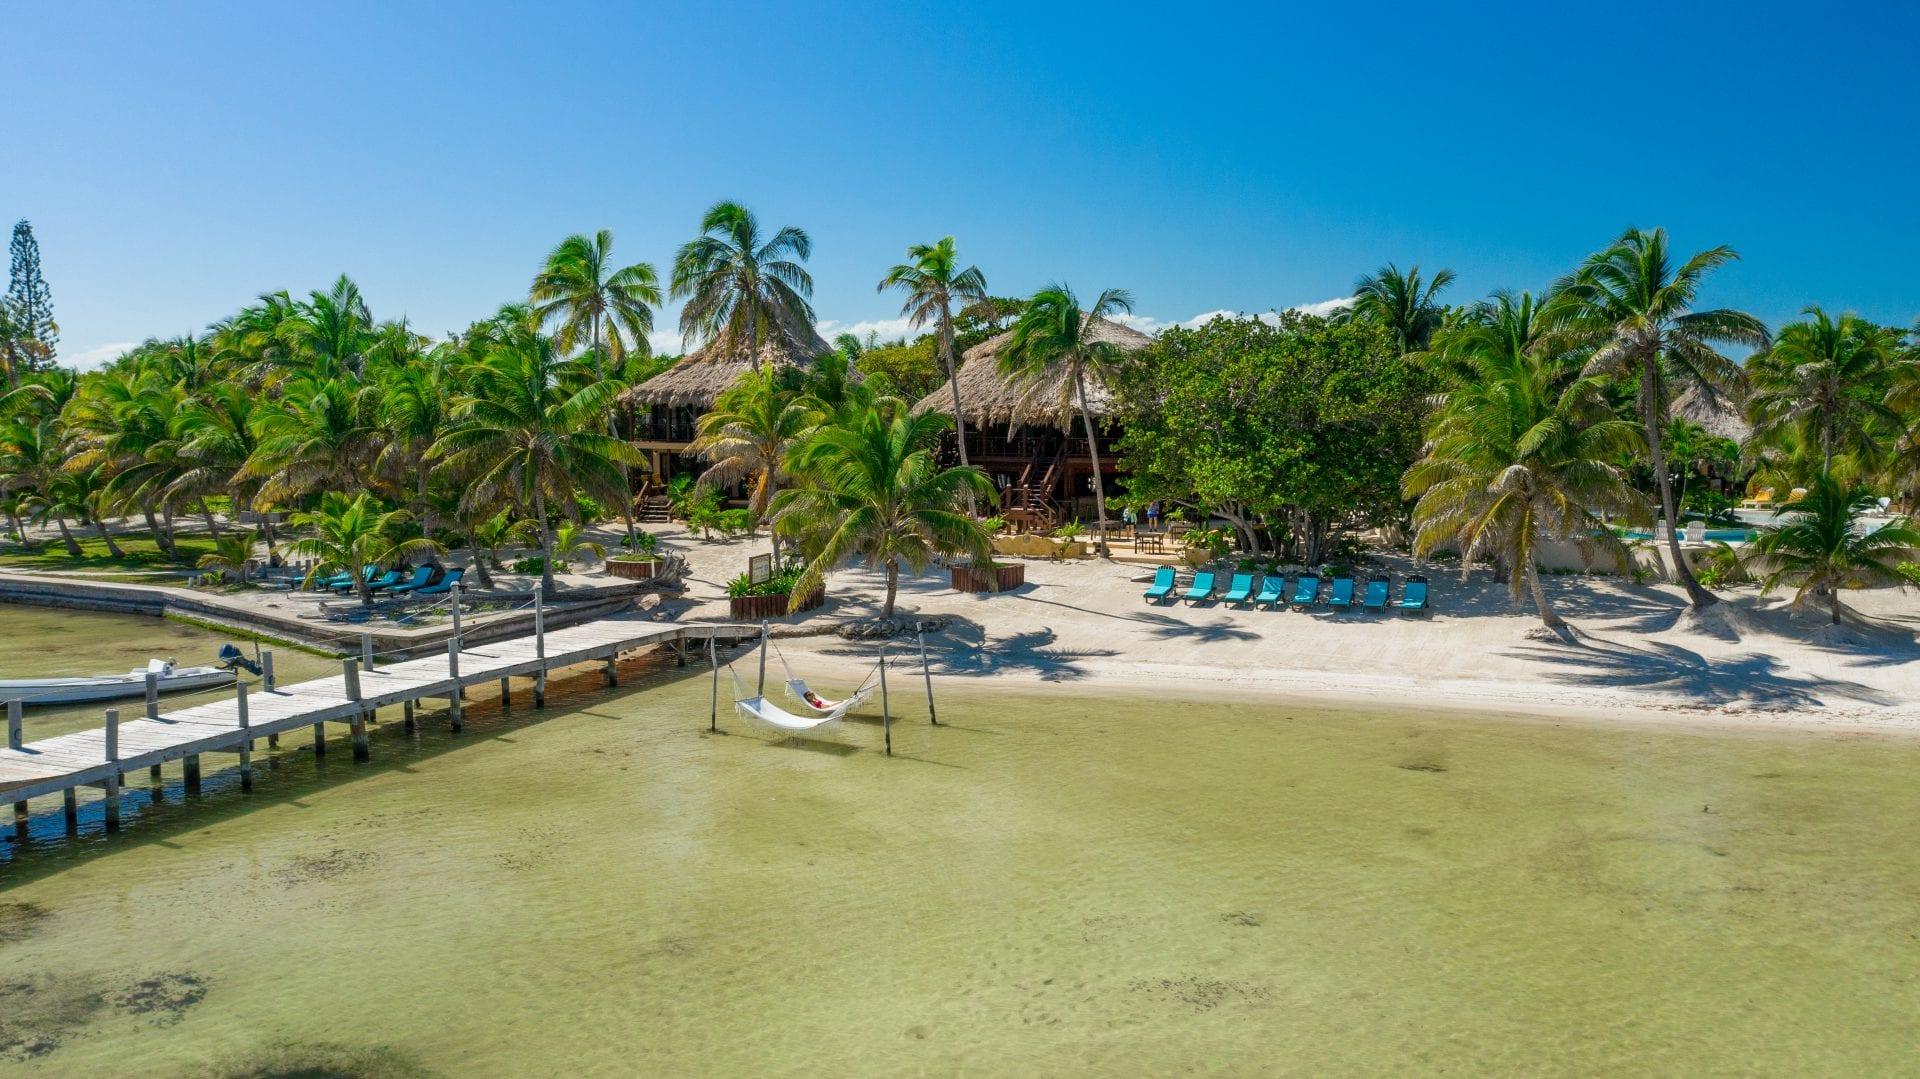 Drone_Portofino__DuarteDellarole-46 belize San Pedro Ambergris Caye resort hammock